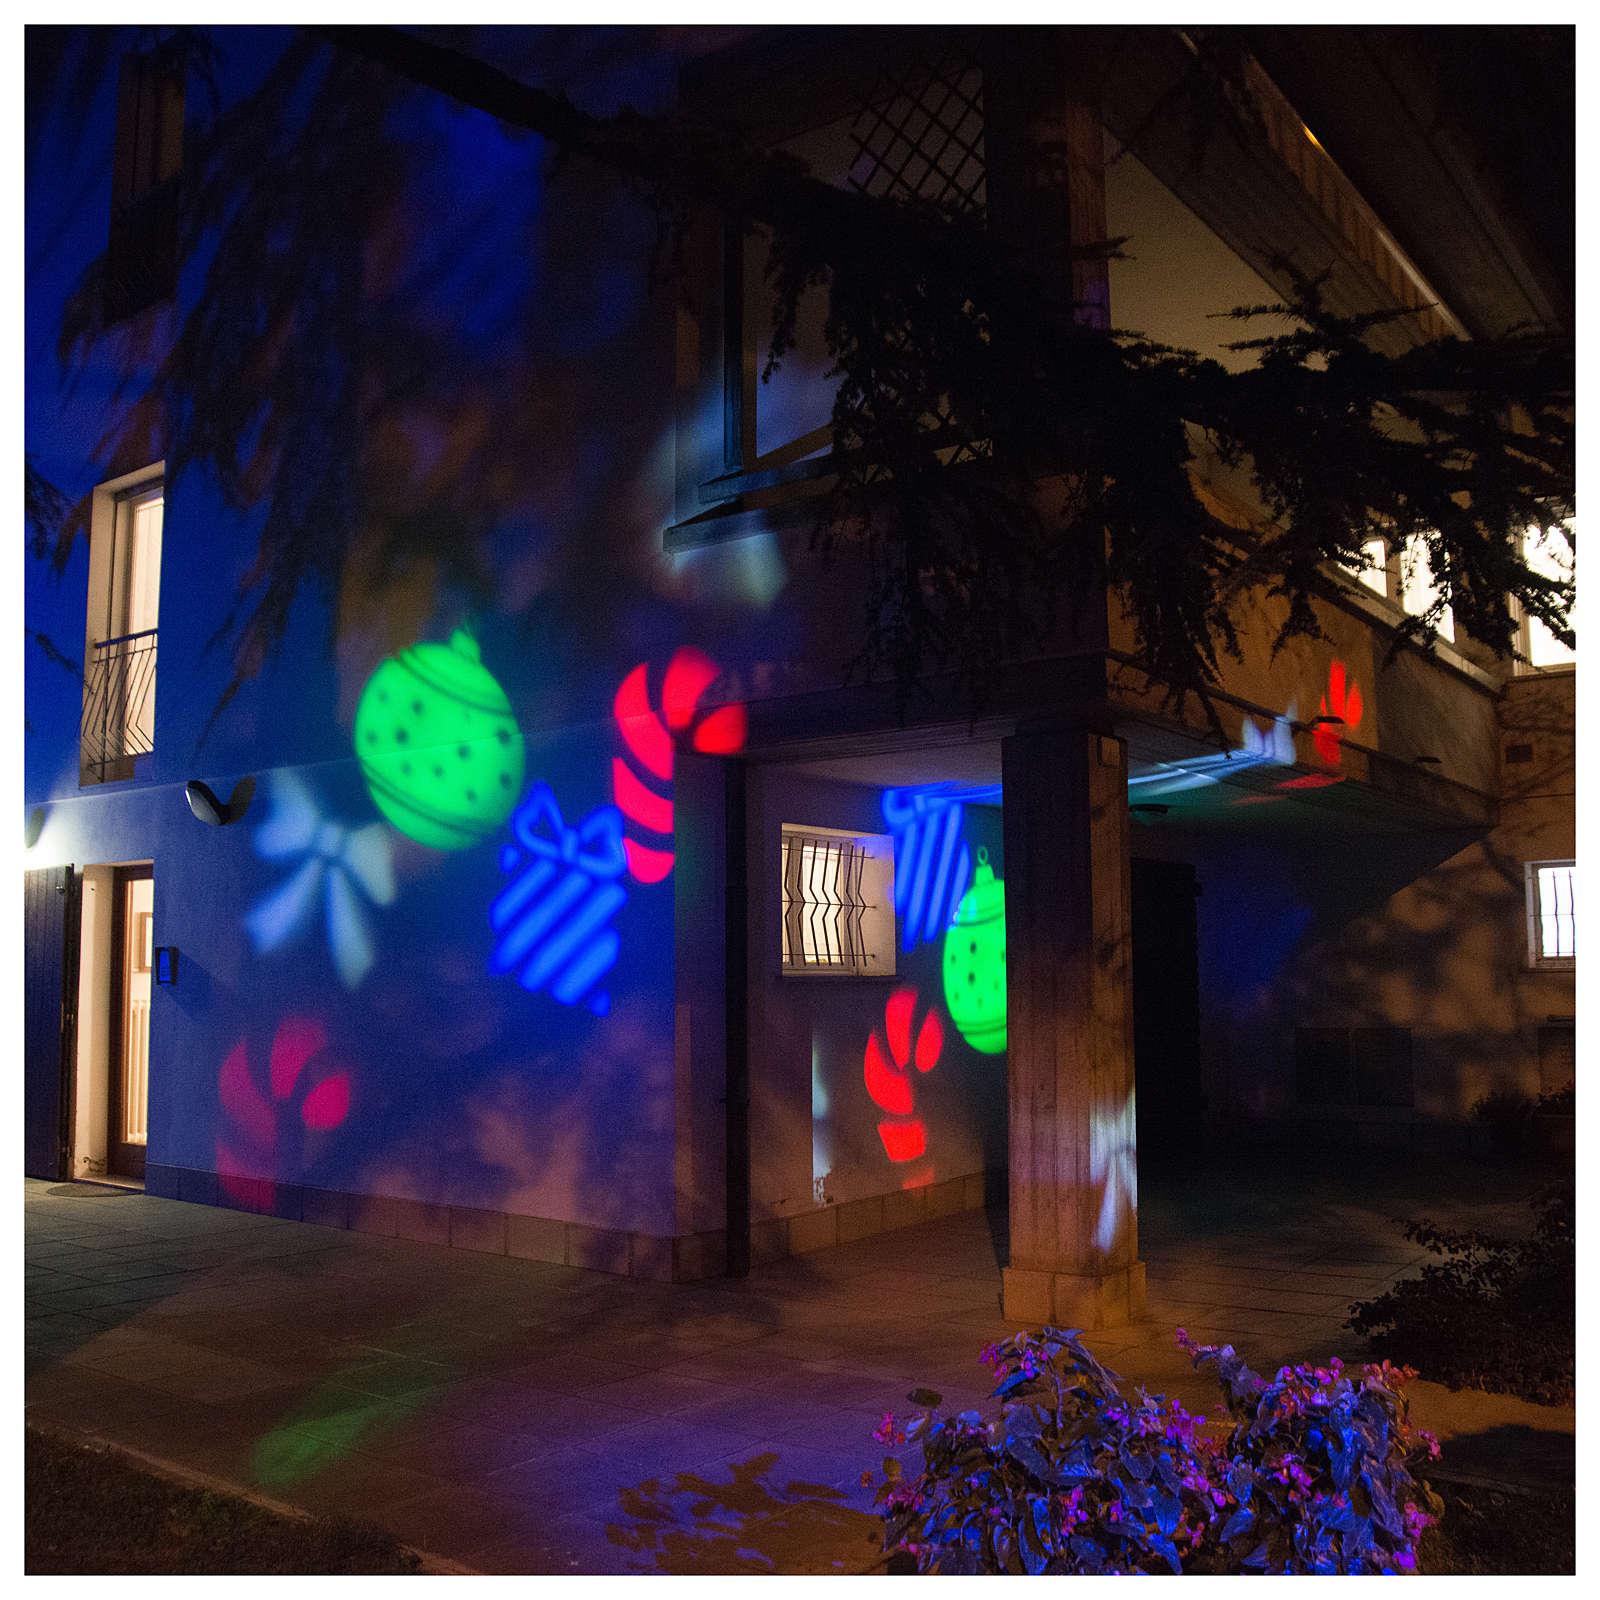 Projecteur led Christmas intérieur extérieur 3